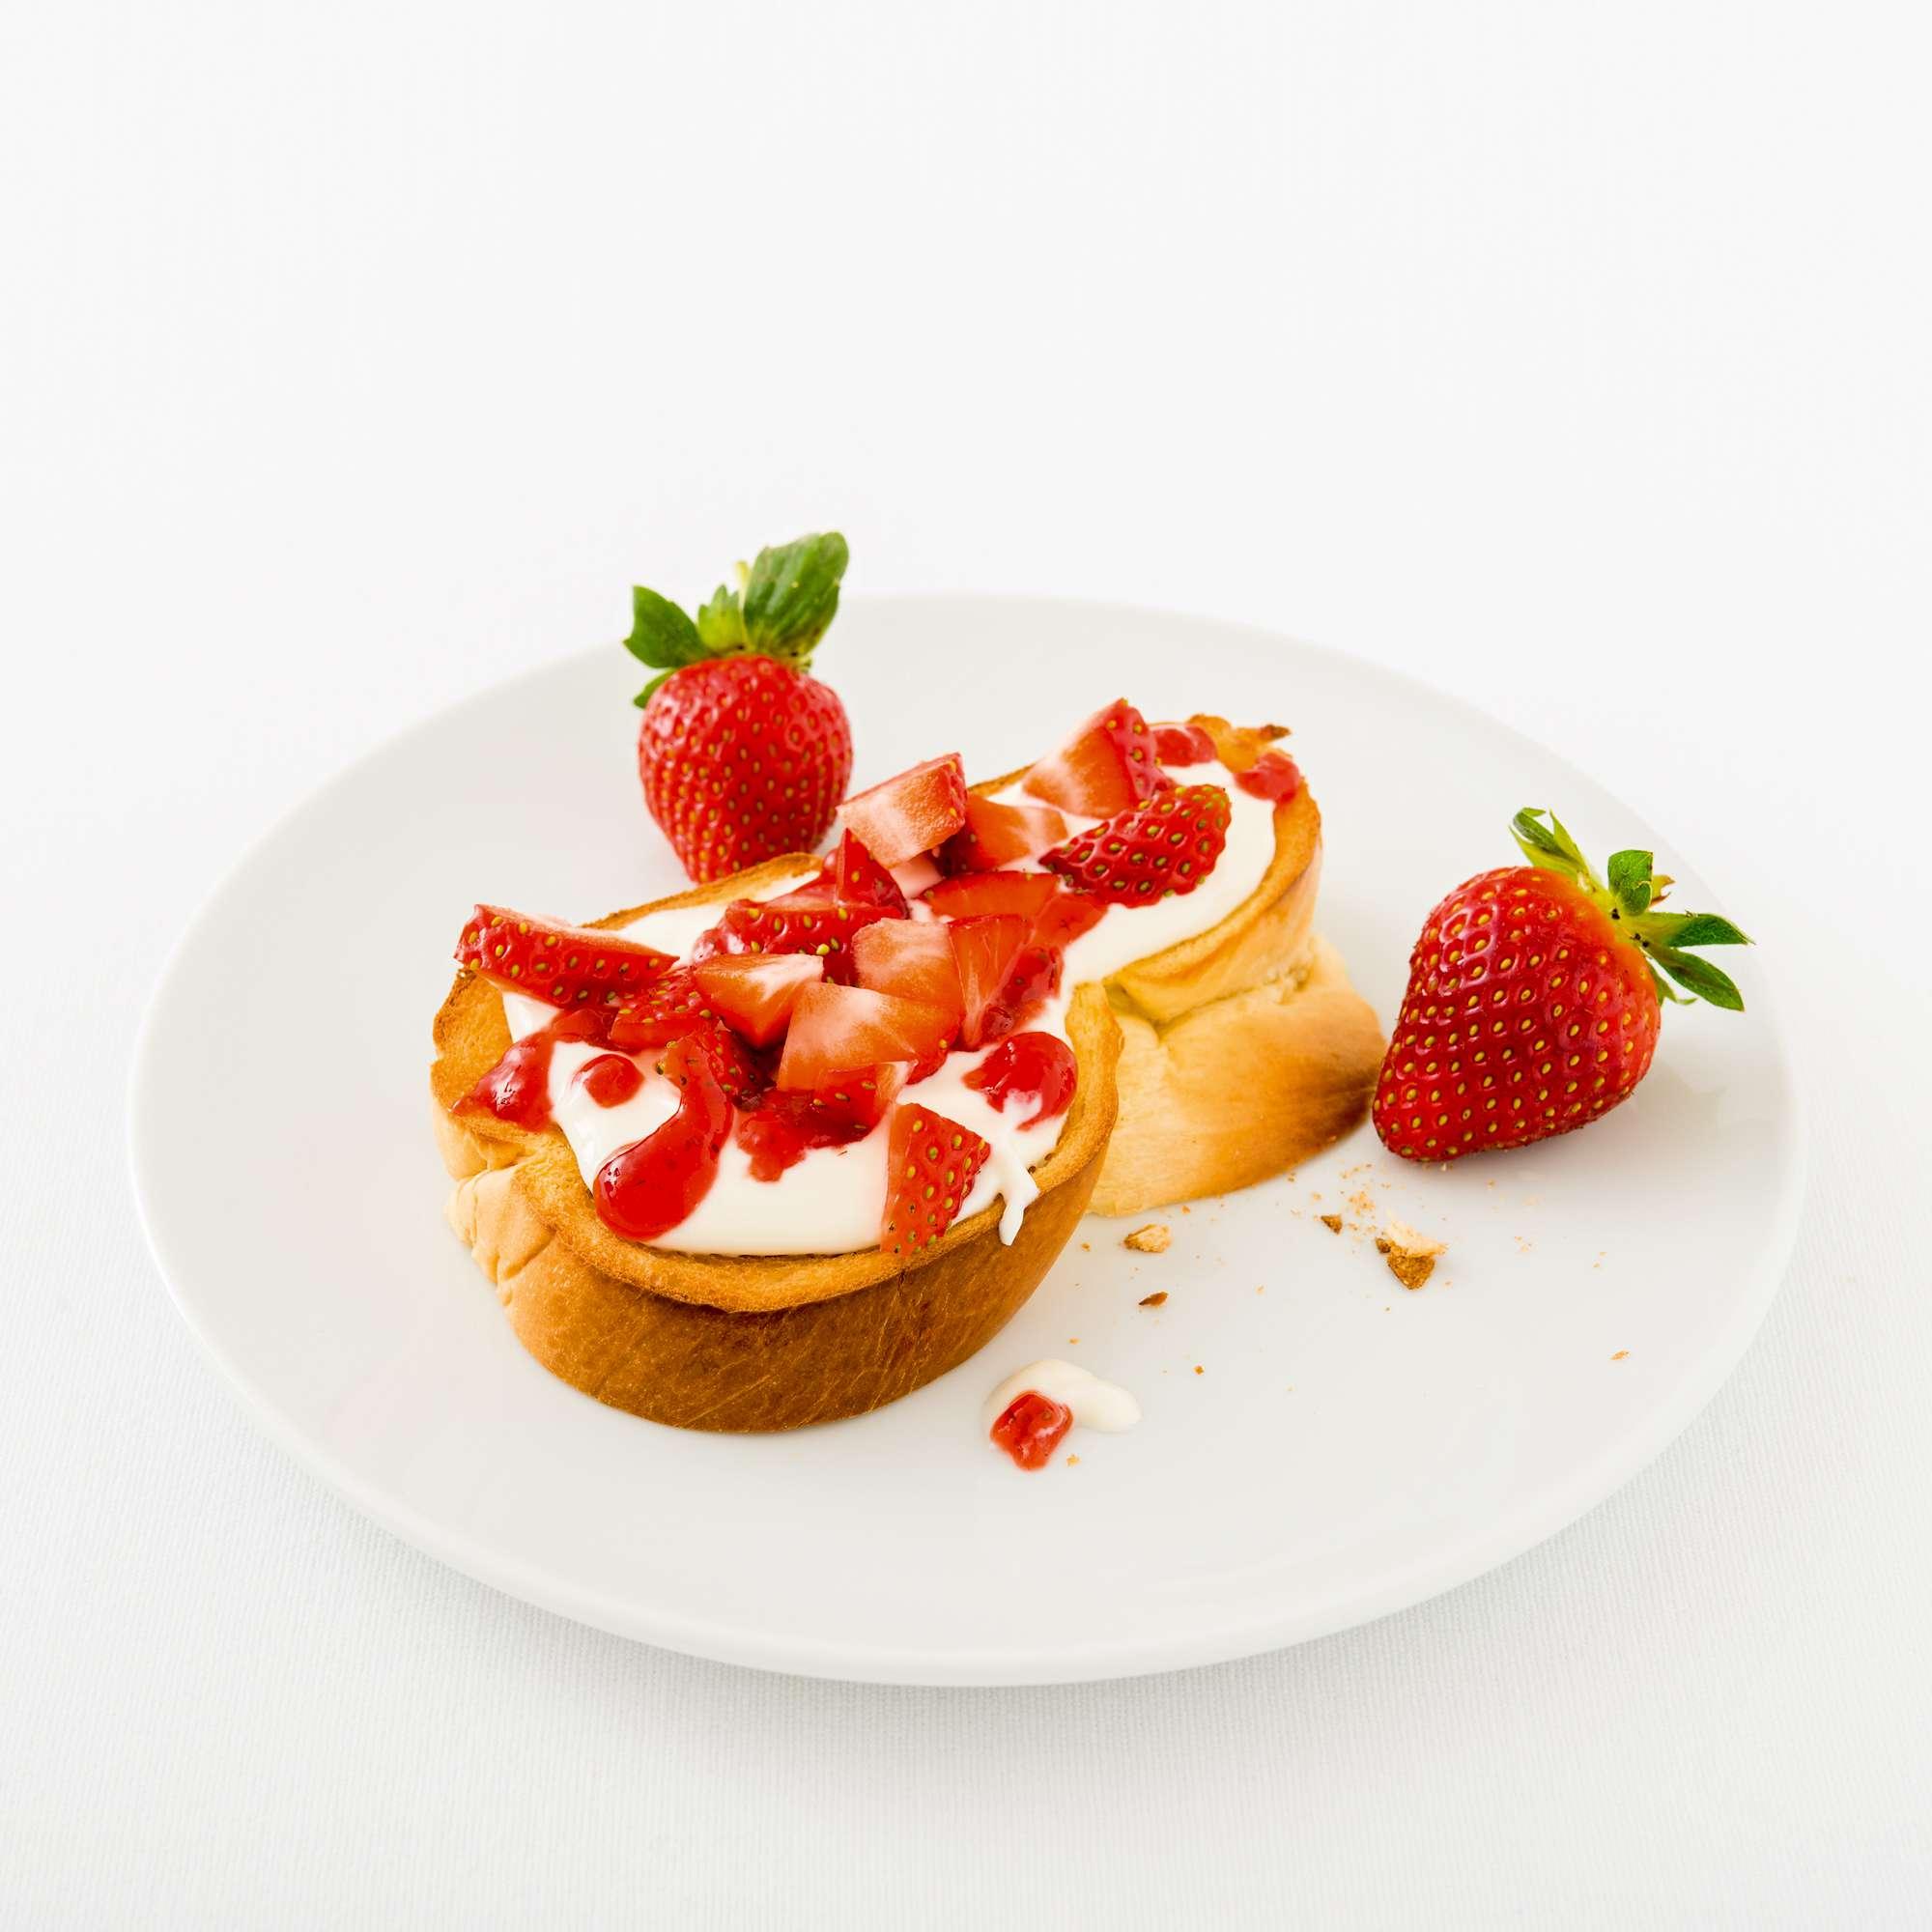 Süße Zopfbrotstulle mit Frischkäse und Erdbeeren